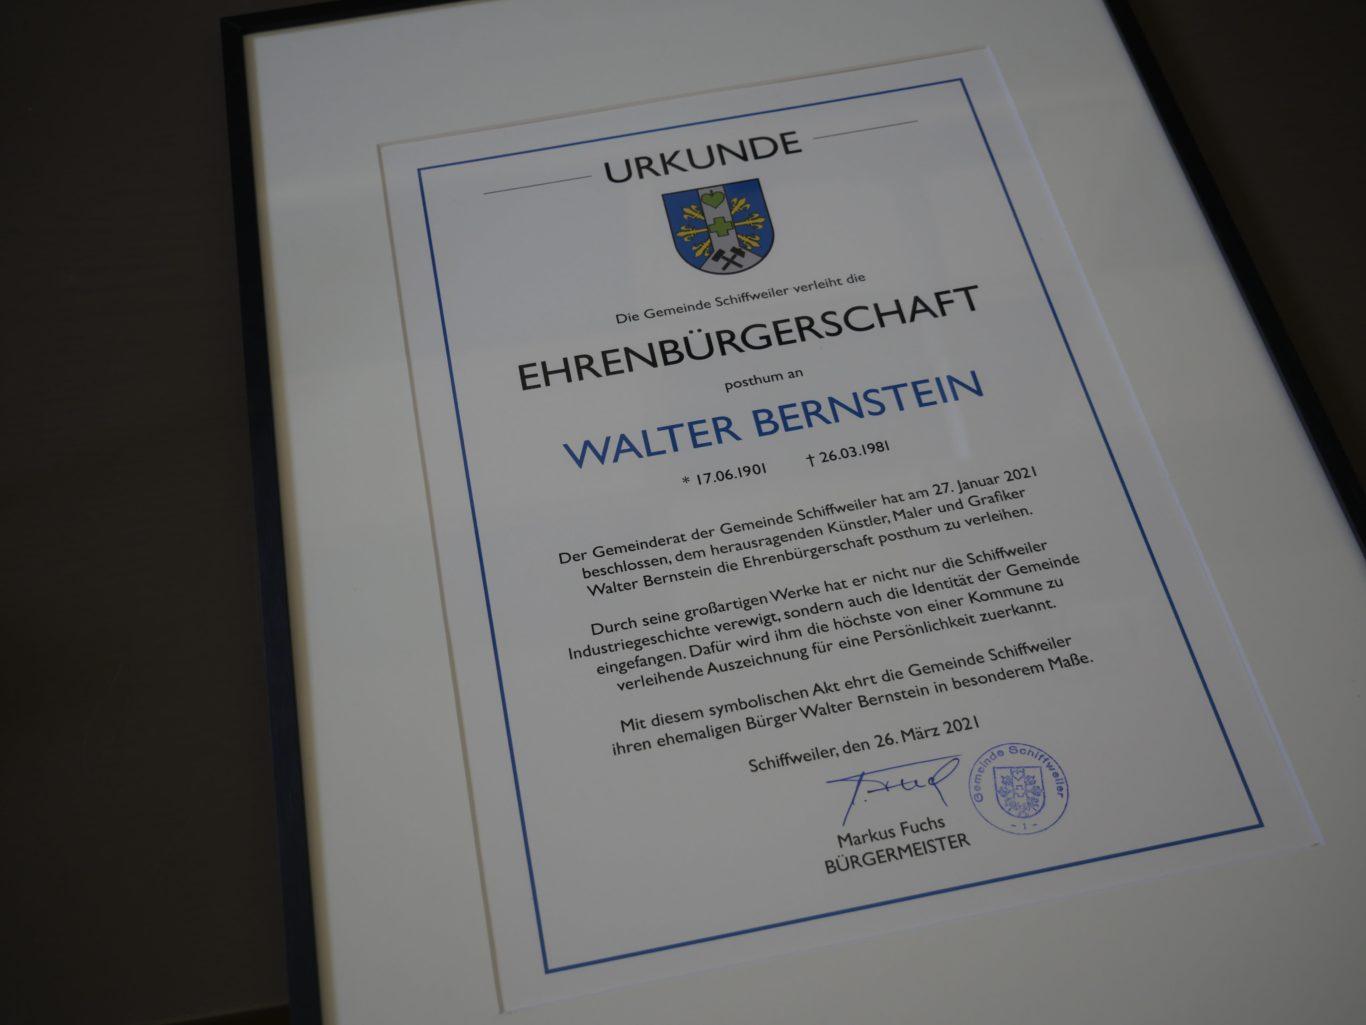 Walter Bernstein Urkunde